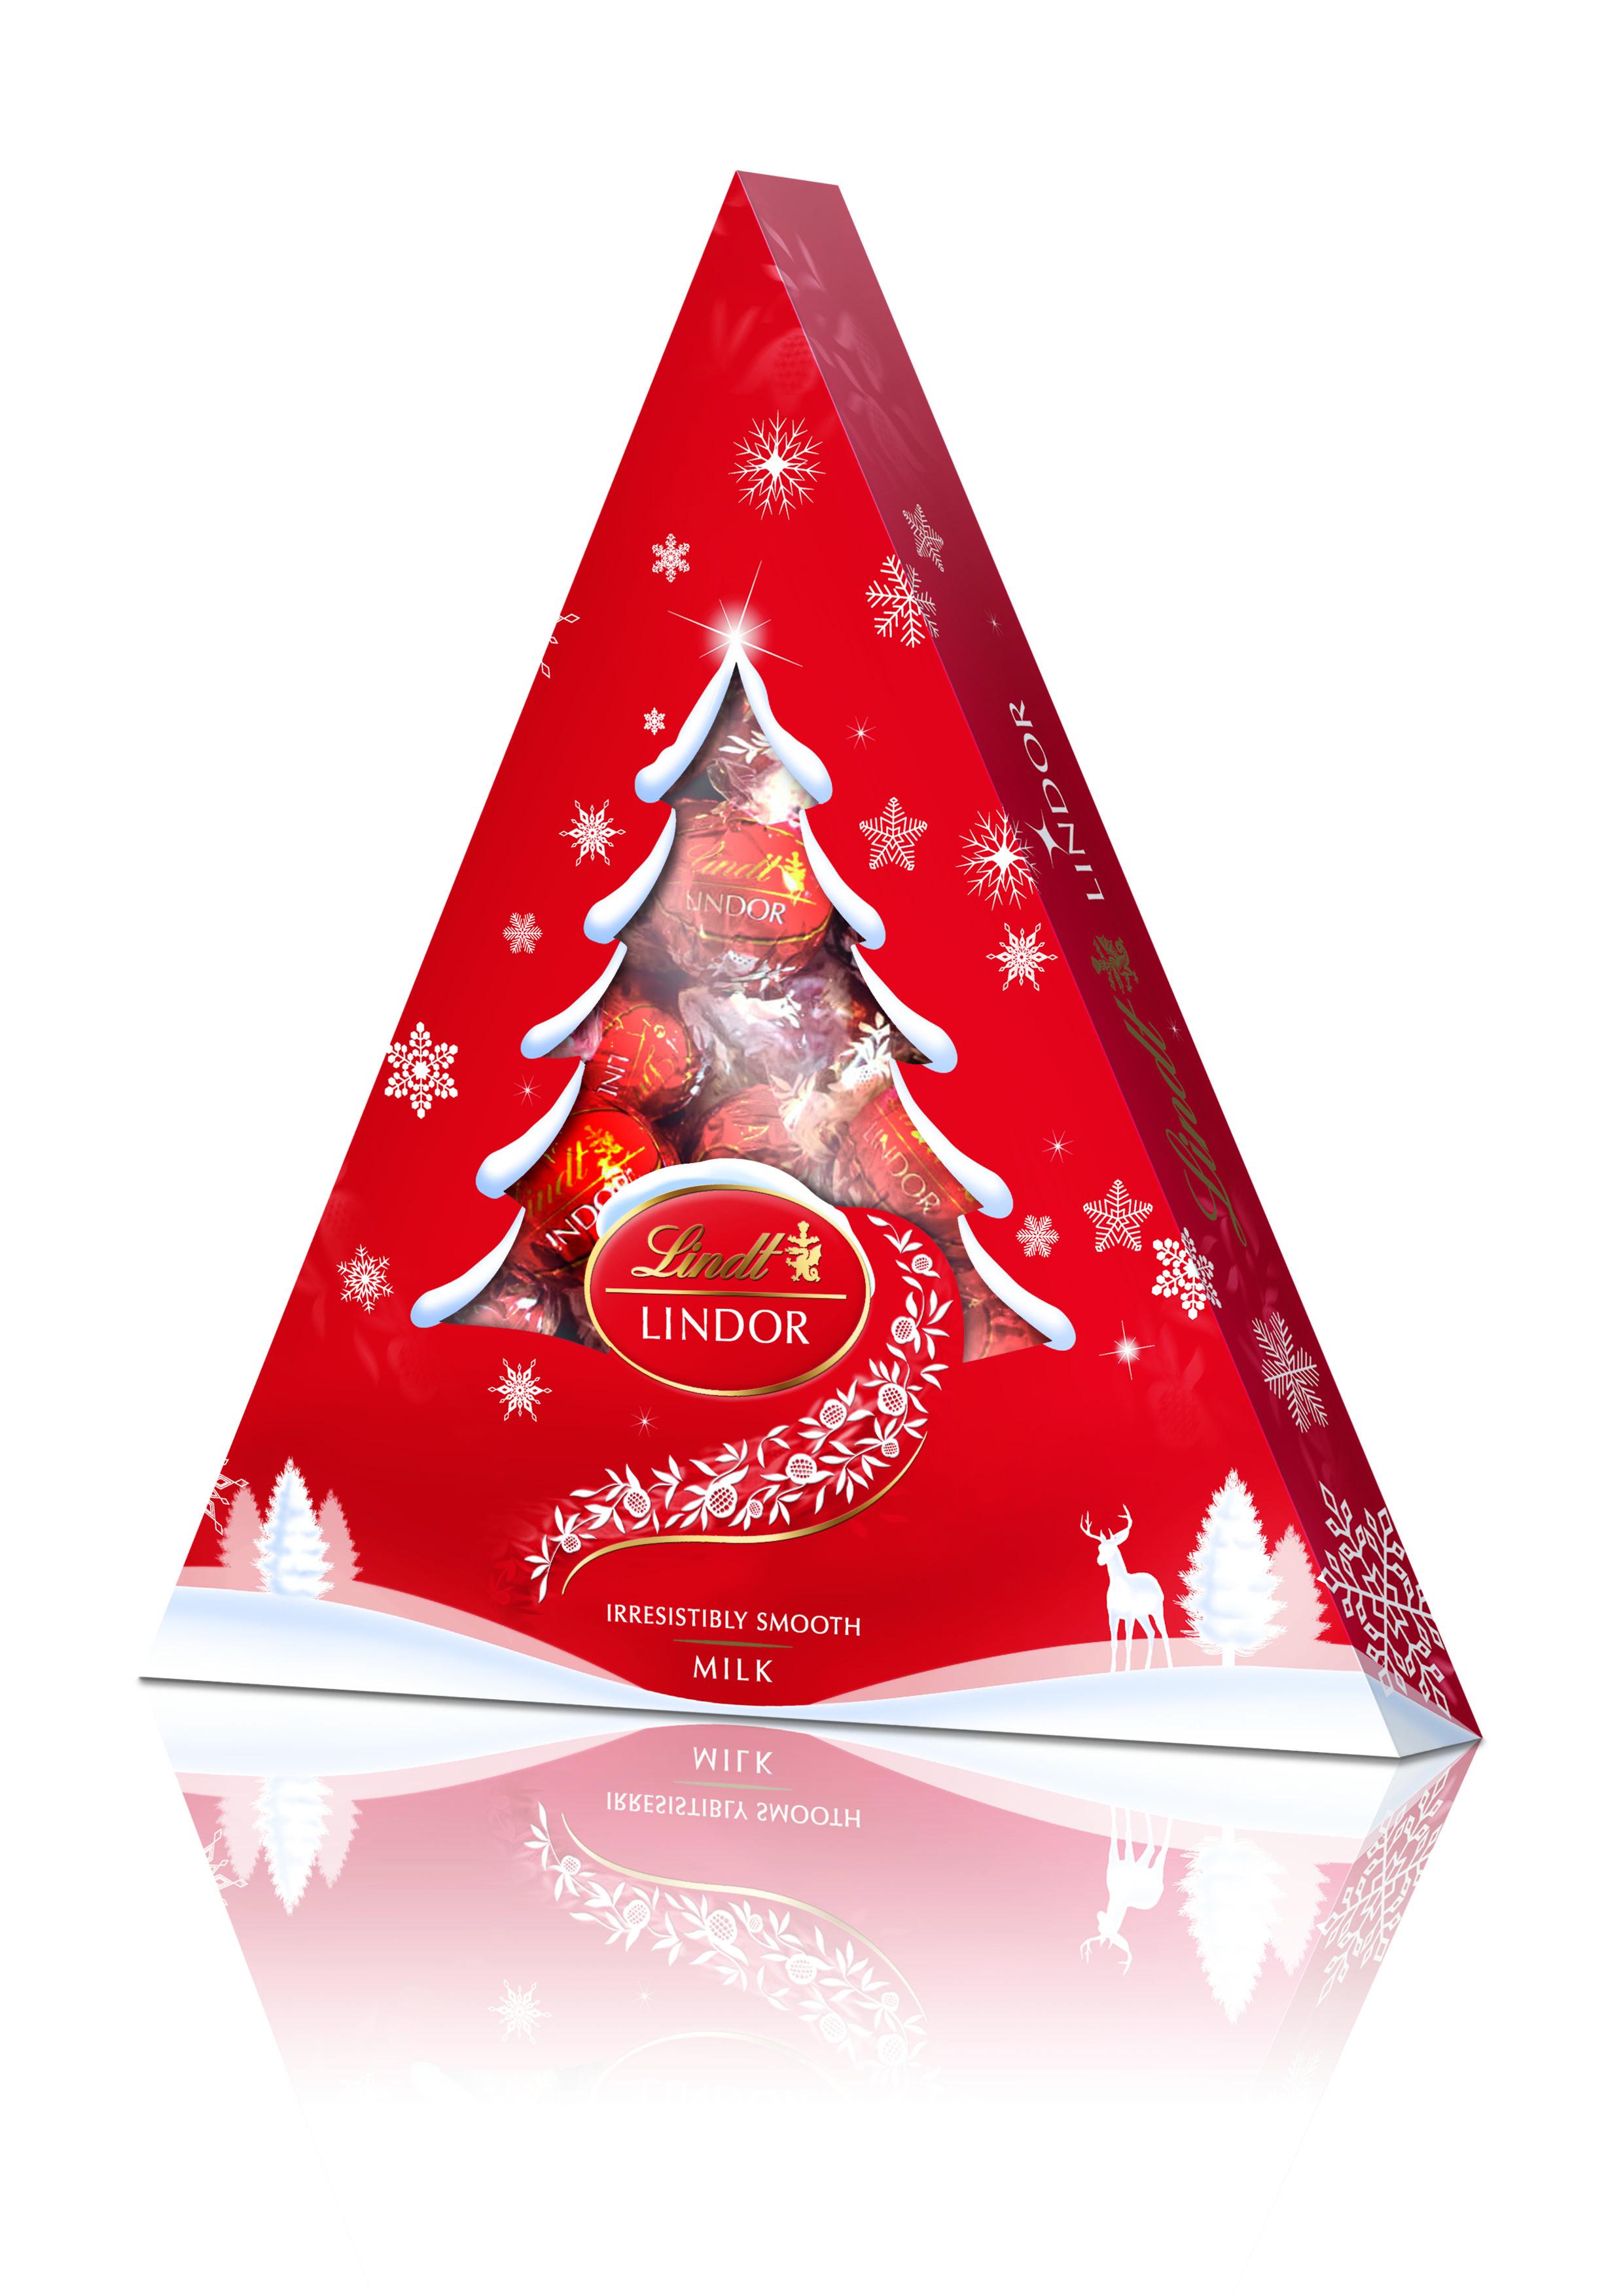 Lindt Lindor Елка конфеты из молочного шоколада, 125 г (новогодняя упаковка)4620012750333Линдор. Конфеты из молочного шоколада с нежной, тающей начинкой